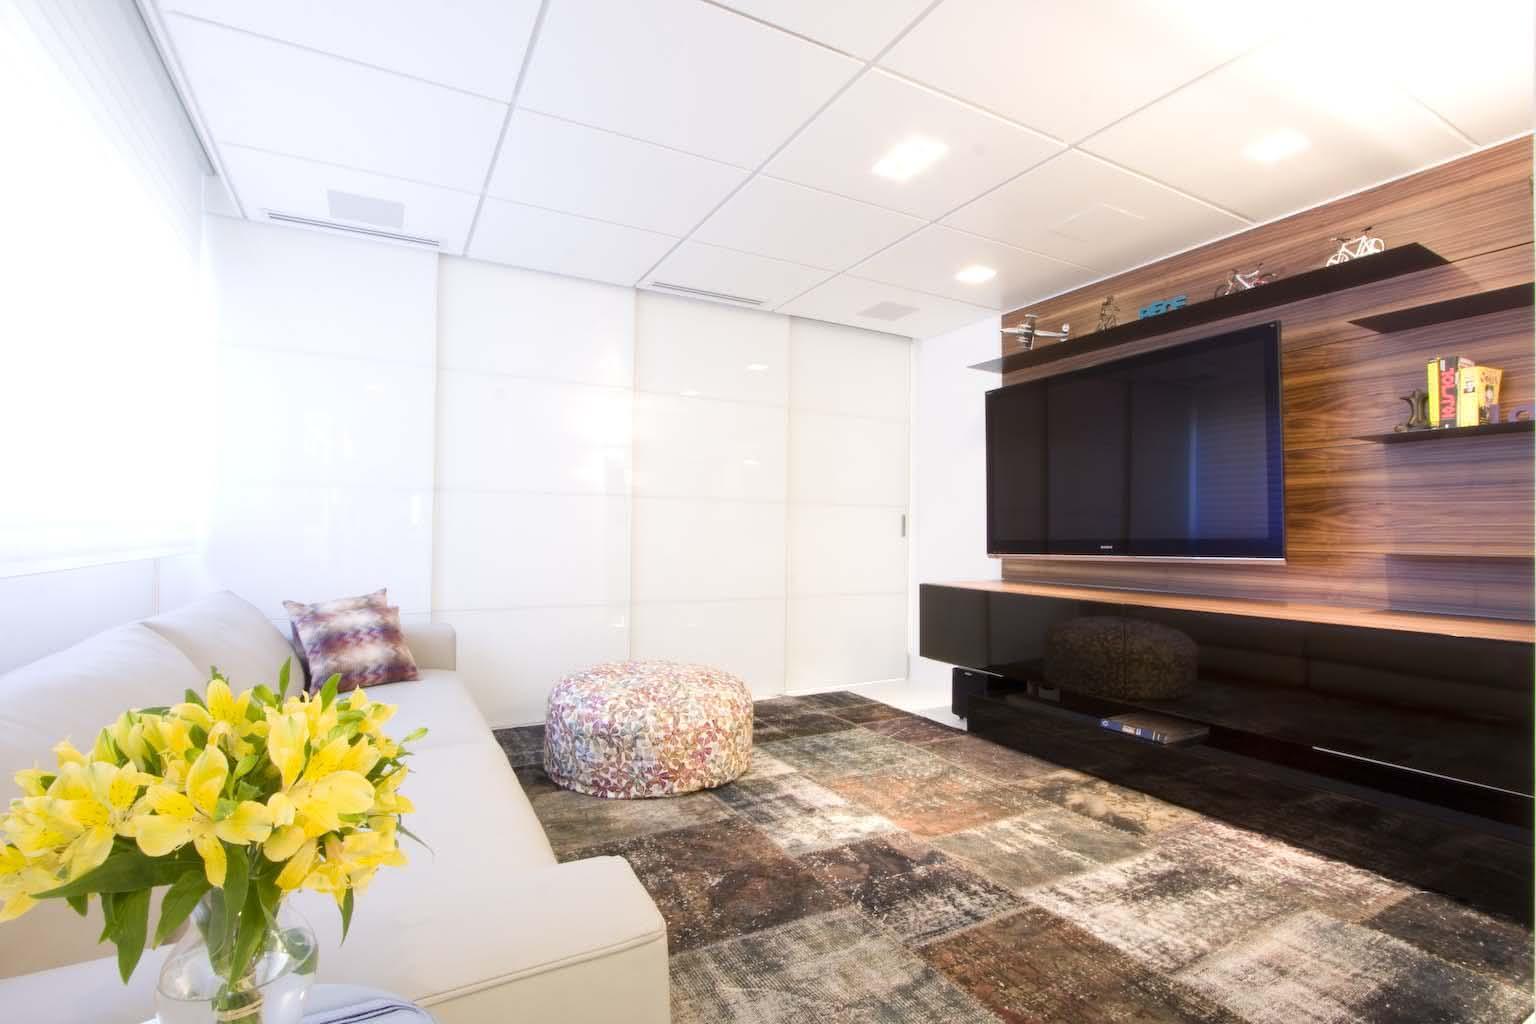 Pruzak Com Sanca De Gesso Sala De Tv Id Ias Interessantes Para O  -> Sanca De Gesso Sala De Tv